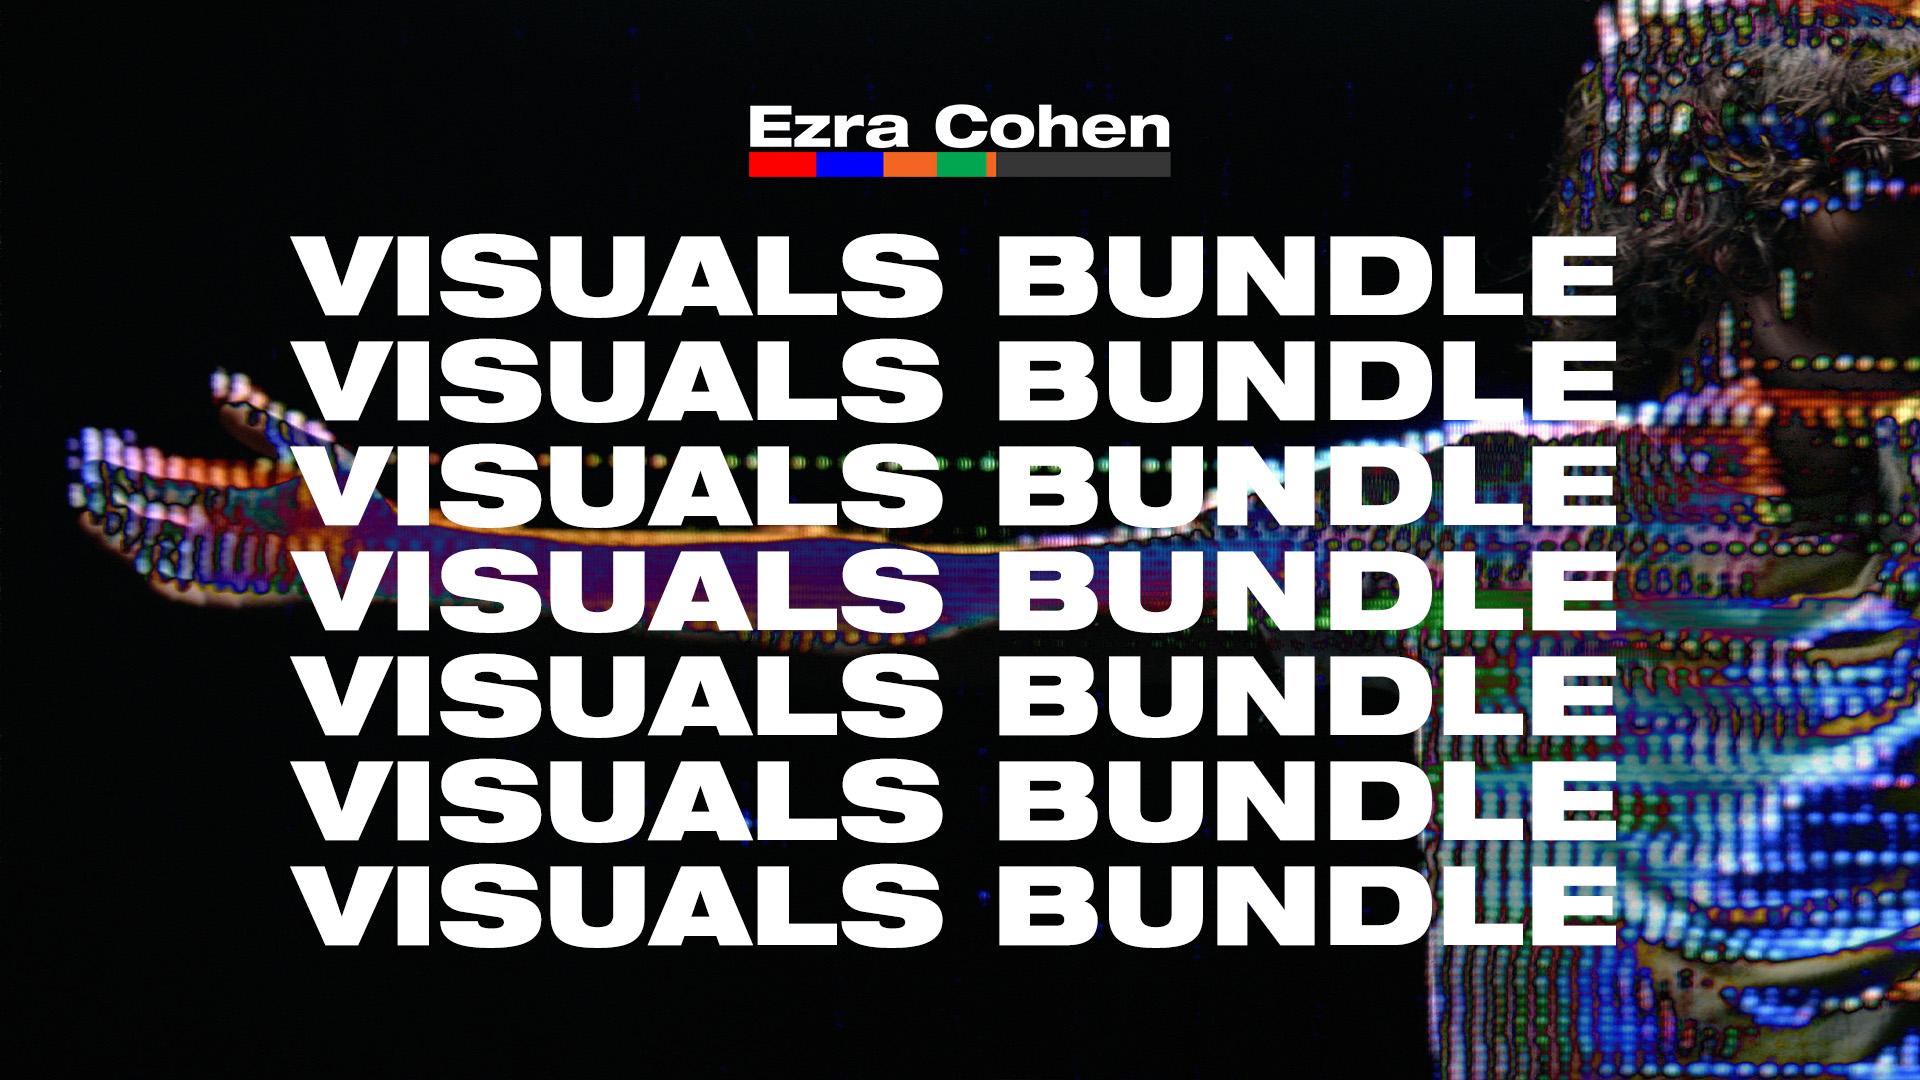 TOUR VISUALS BUNDLE   $165  Includes Masterclass plus Tour Visual Elements VOL 1+ 2 4K!